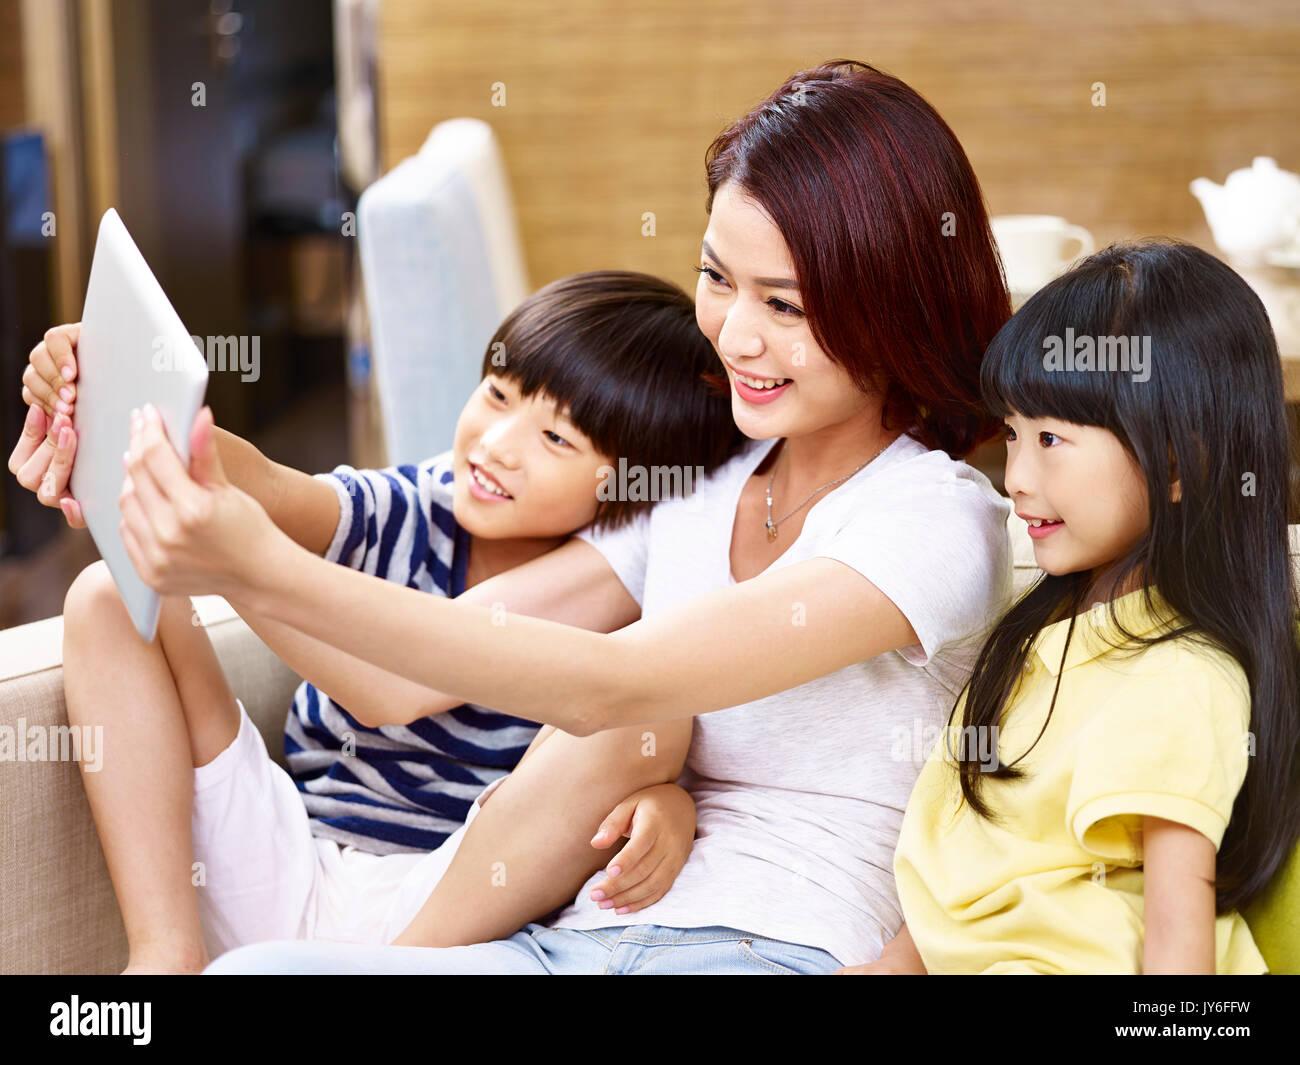 Jeune asiatique de la mère et des enfants assis sur un canapé en tenant une tablette numérique avec selfies, heureux et souriant. Photo Stock